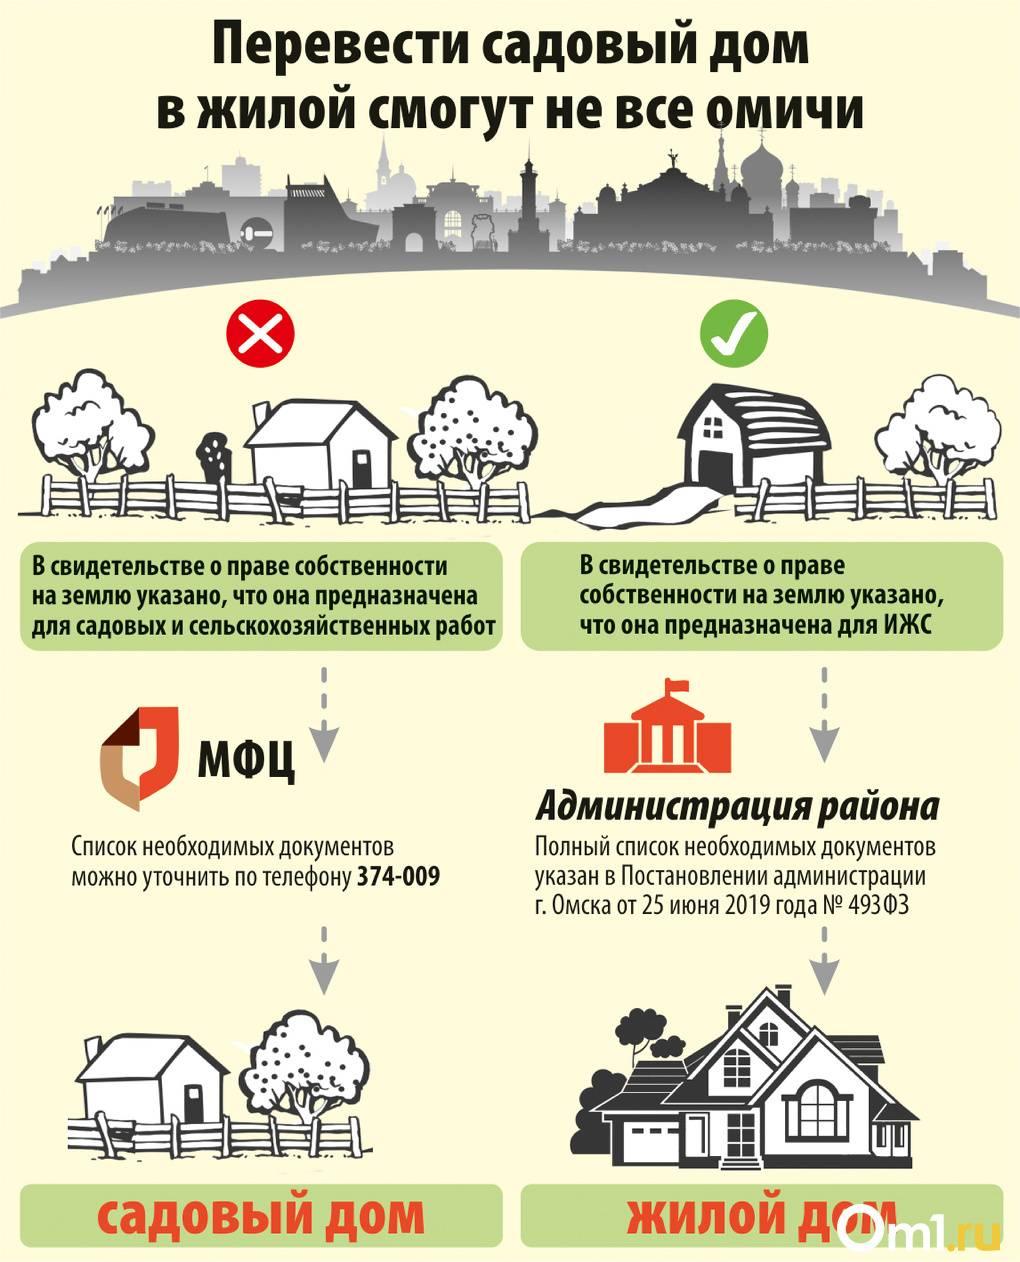 Регистрация права собственности на земельный участок: как оформить землю в собственность